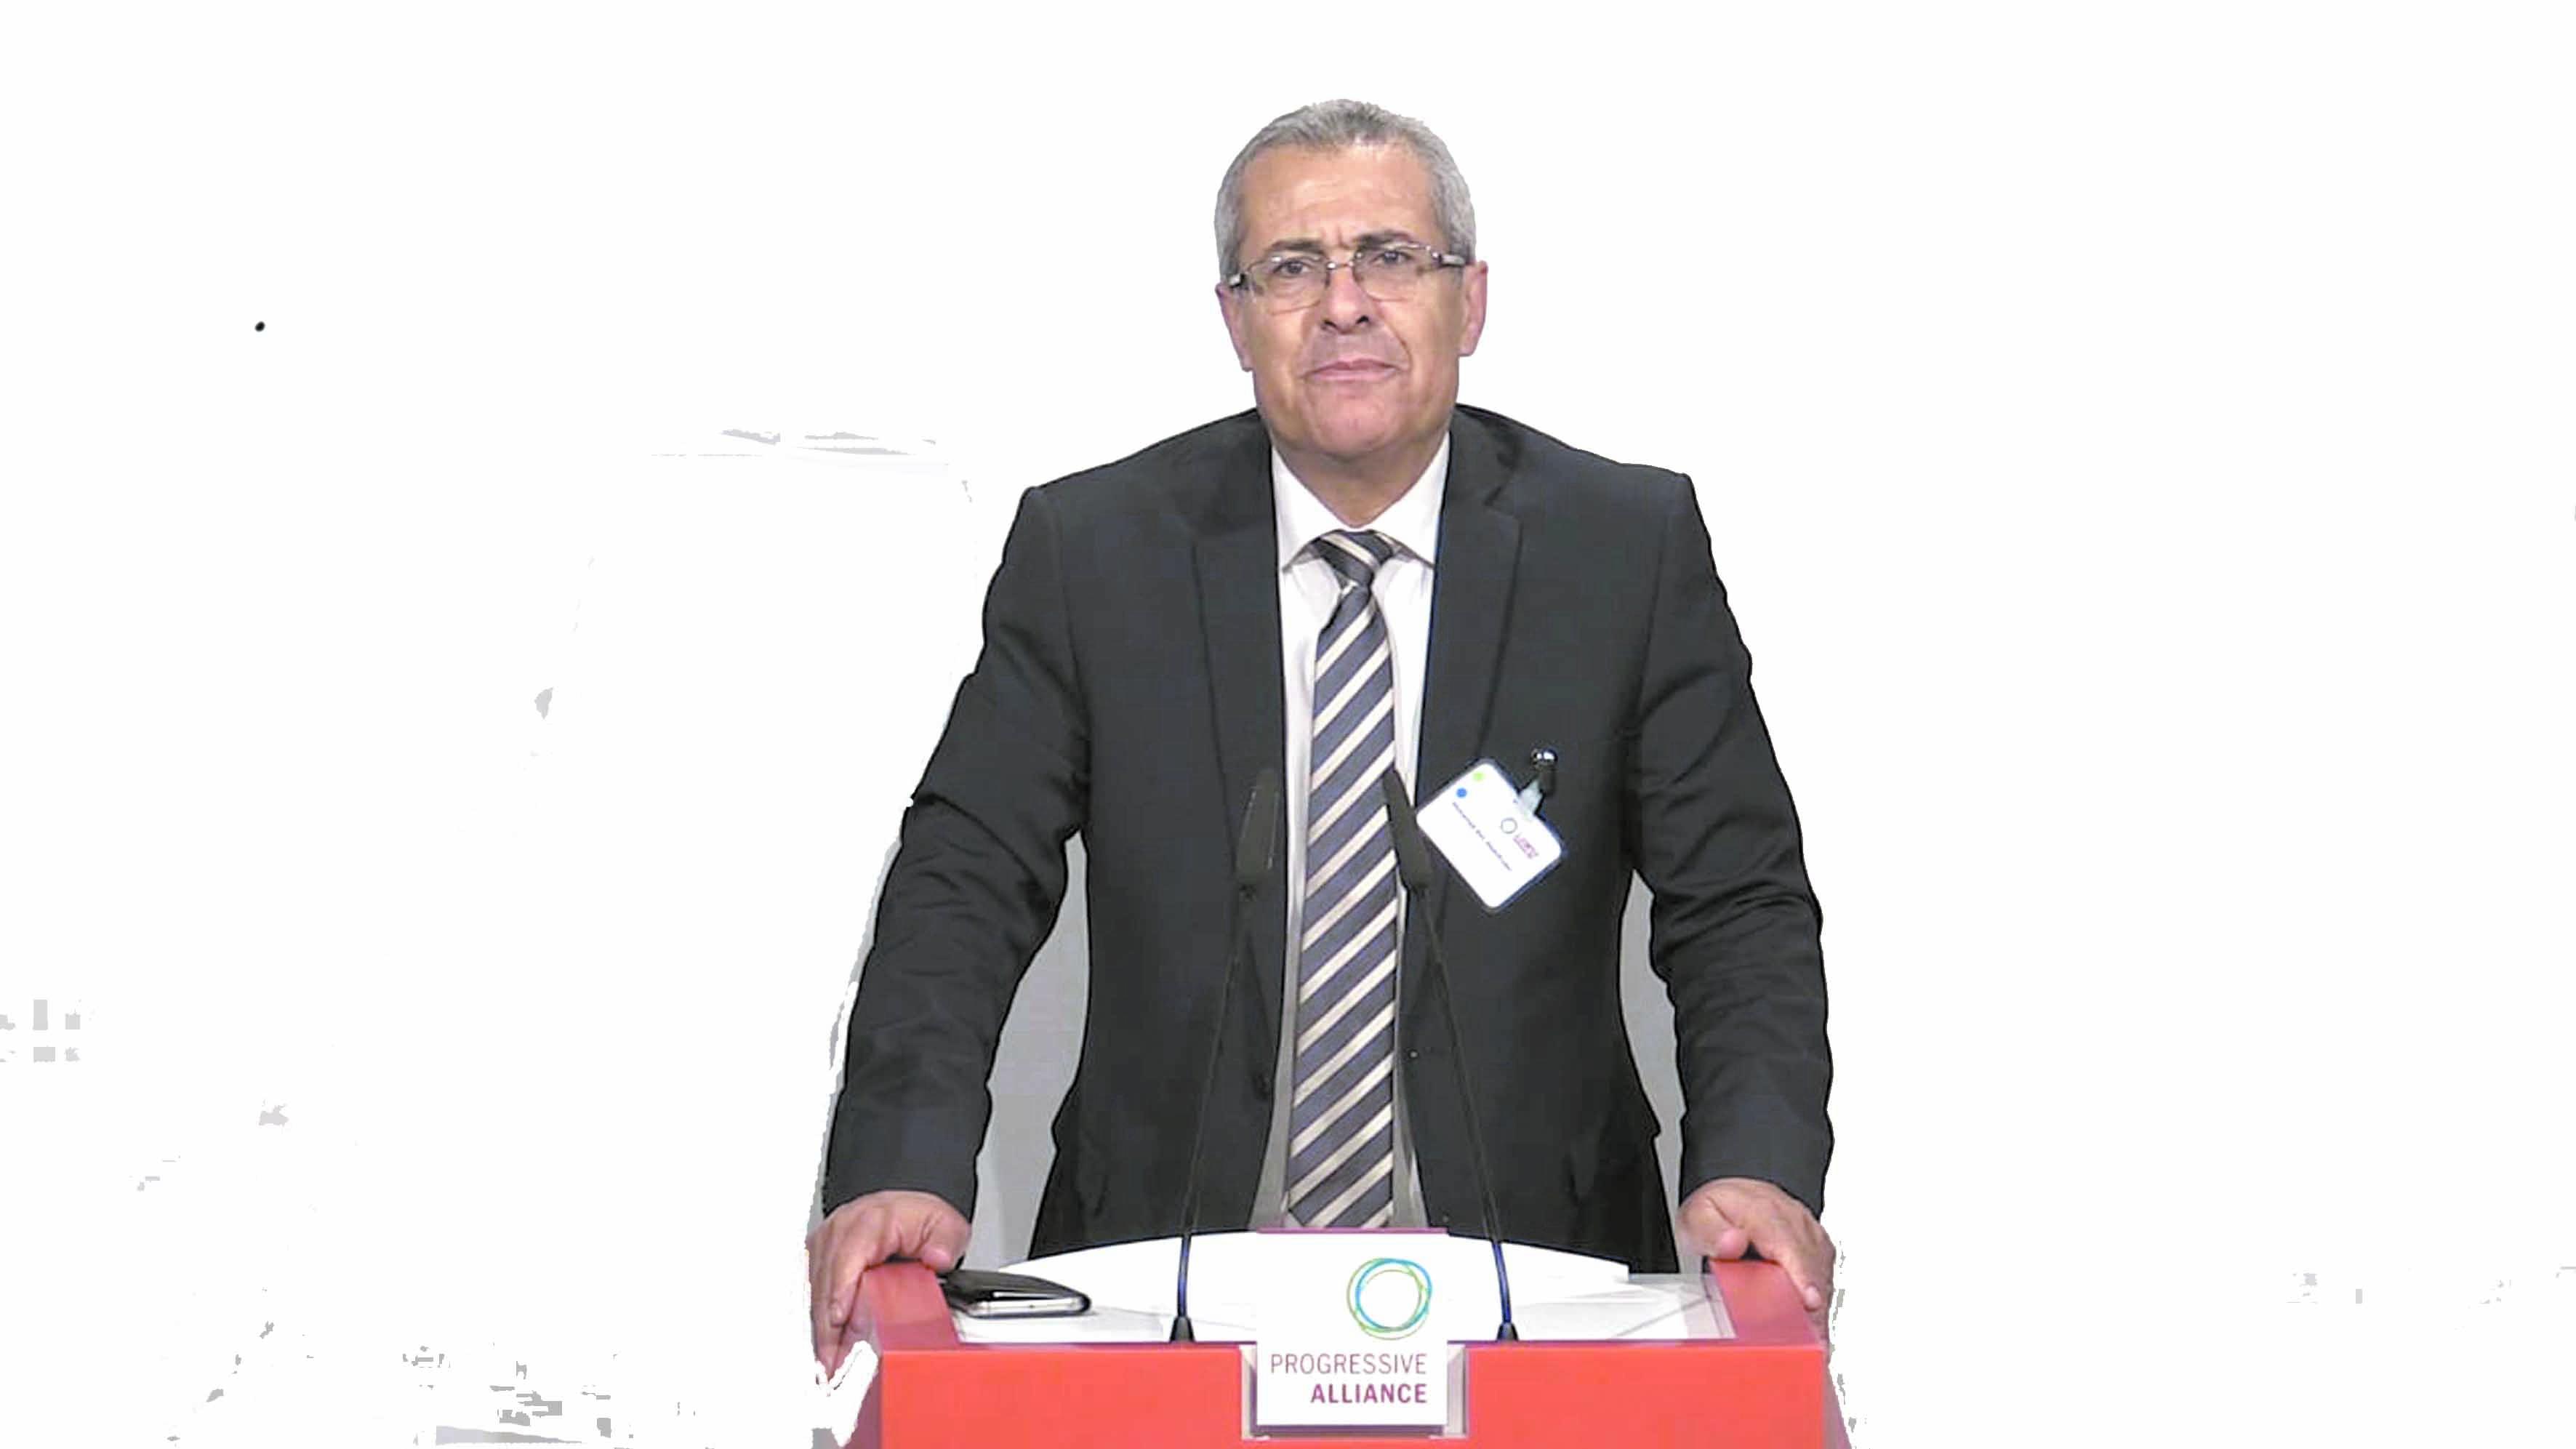 Mohamed Benabdelkader : Les dysfonctionnements dans l'administration publique impliquent une approche réformatrice ambitieuse